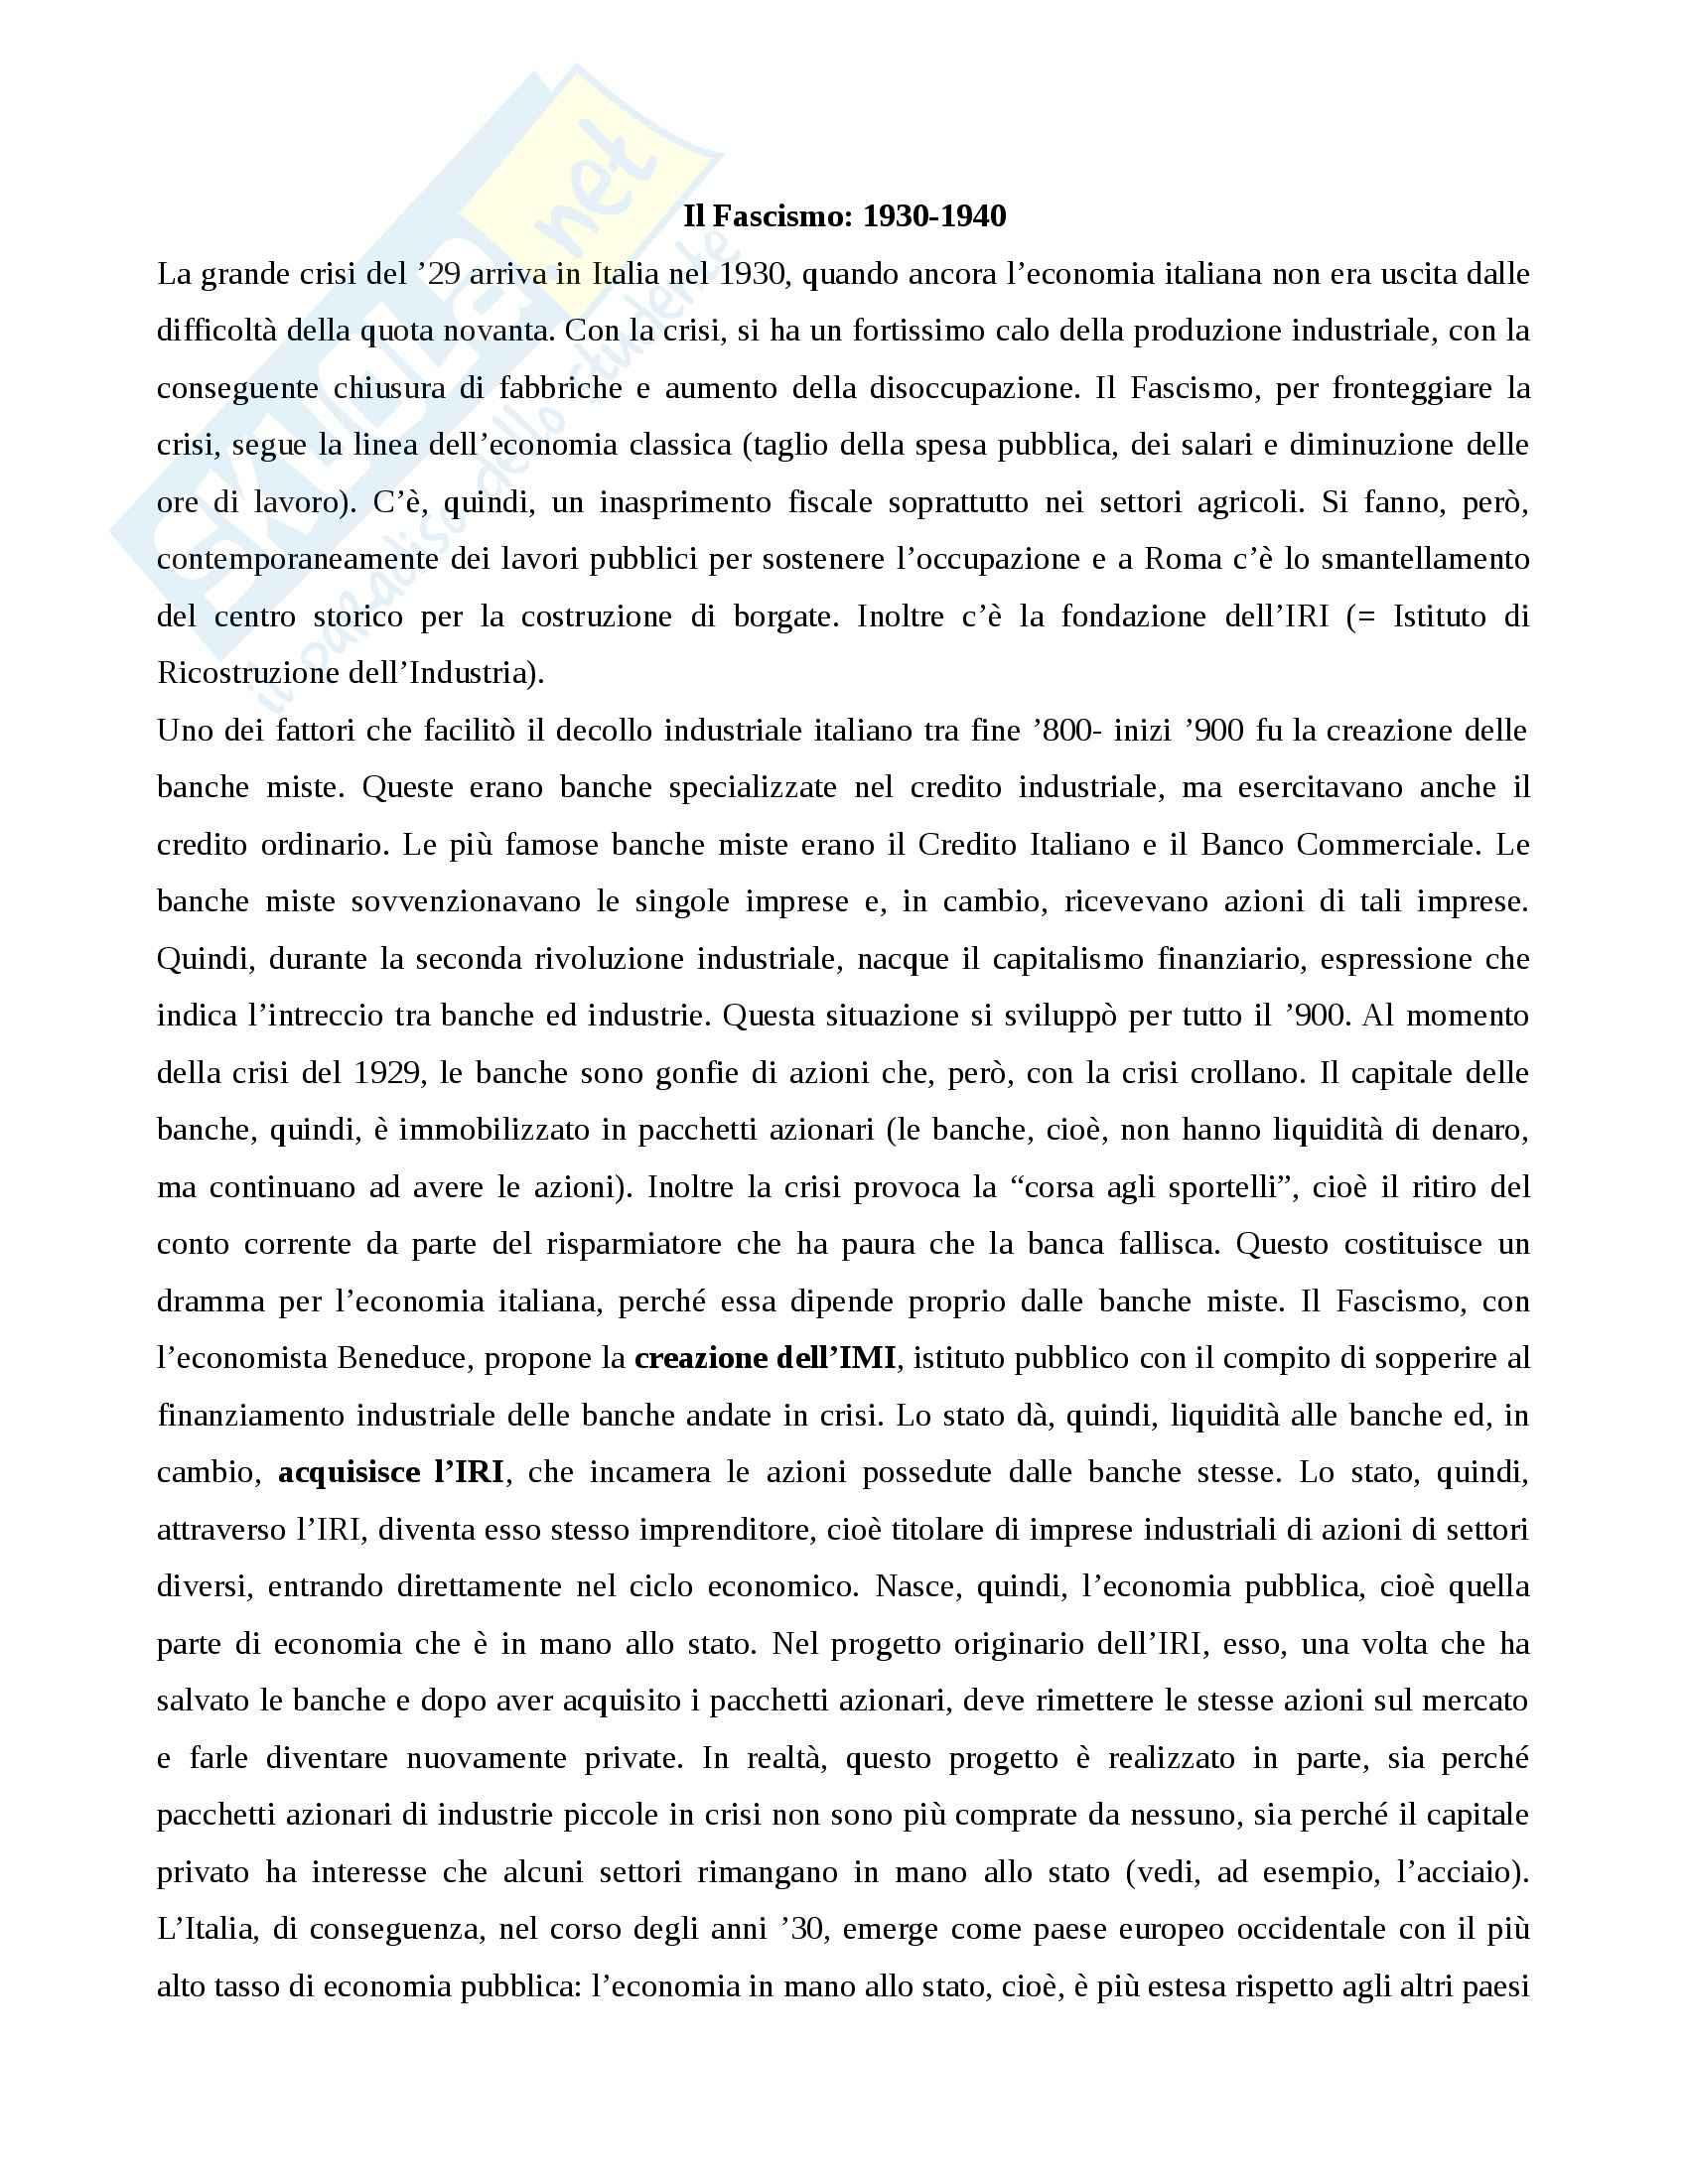 Storia contemporanea - Fascismo: 1930-1940